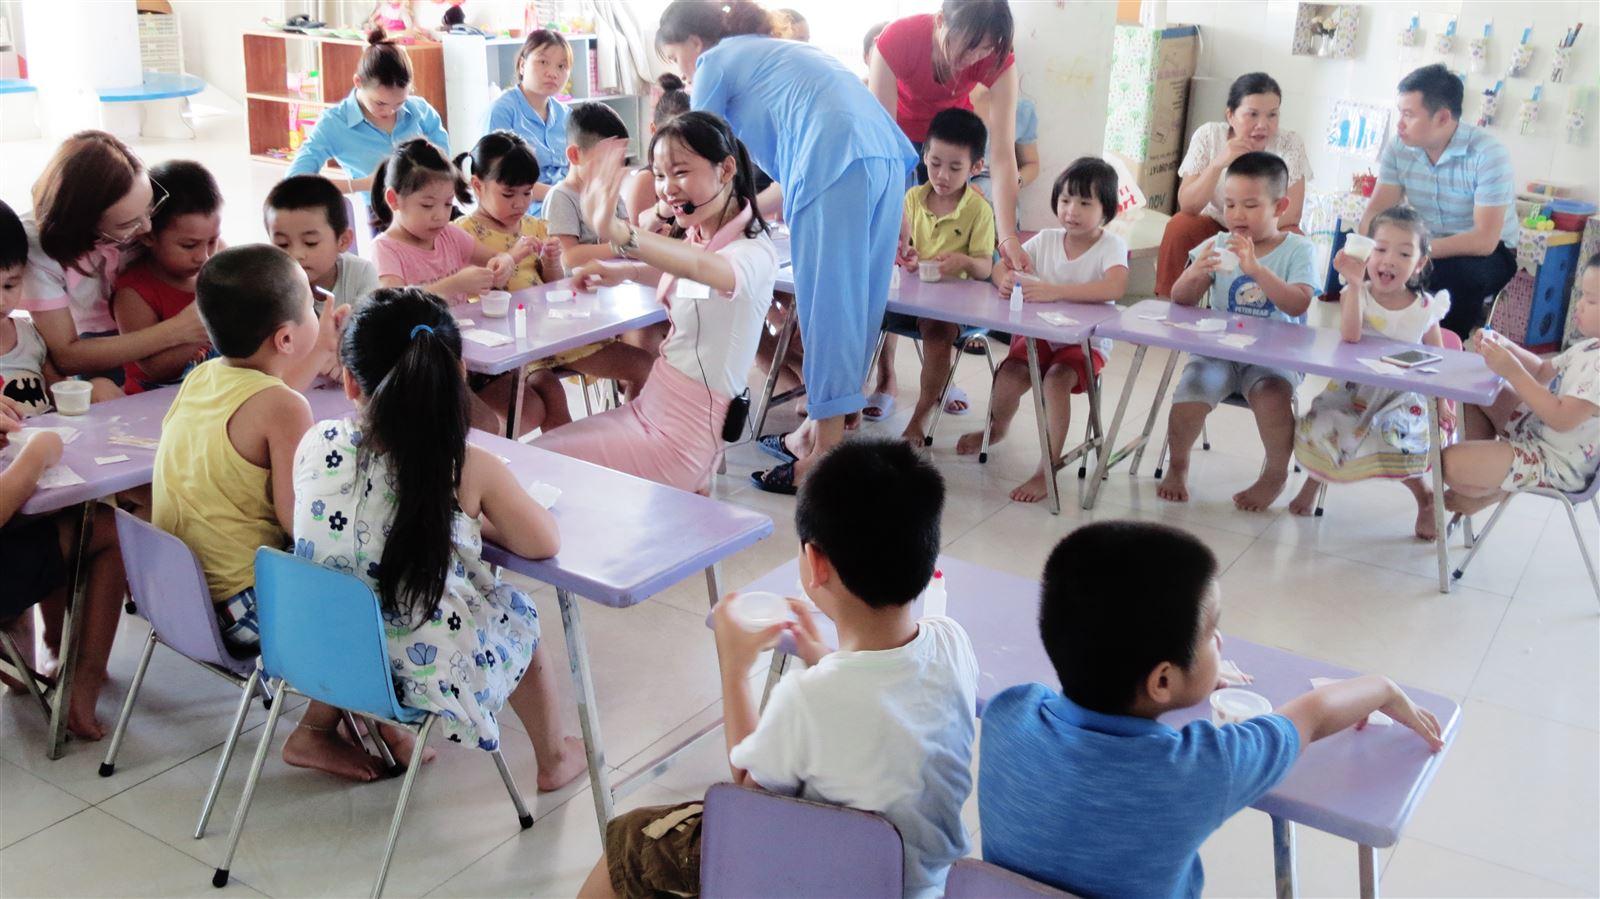 Trải nghiệm chương trình giáo dục mầm non Khoa học diệu kỳ tại trường mầm non Bé Hạnh Phúc